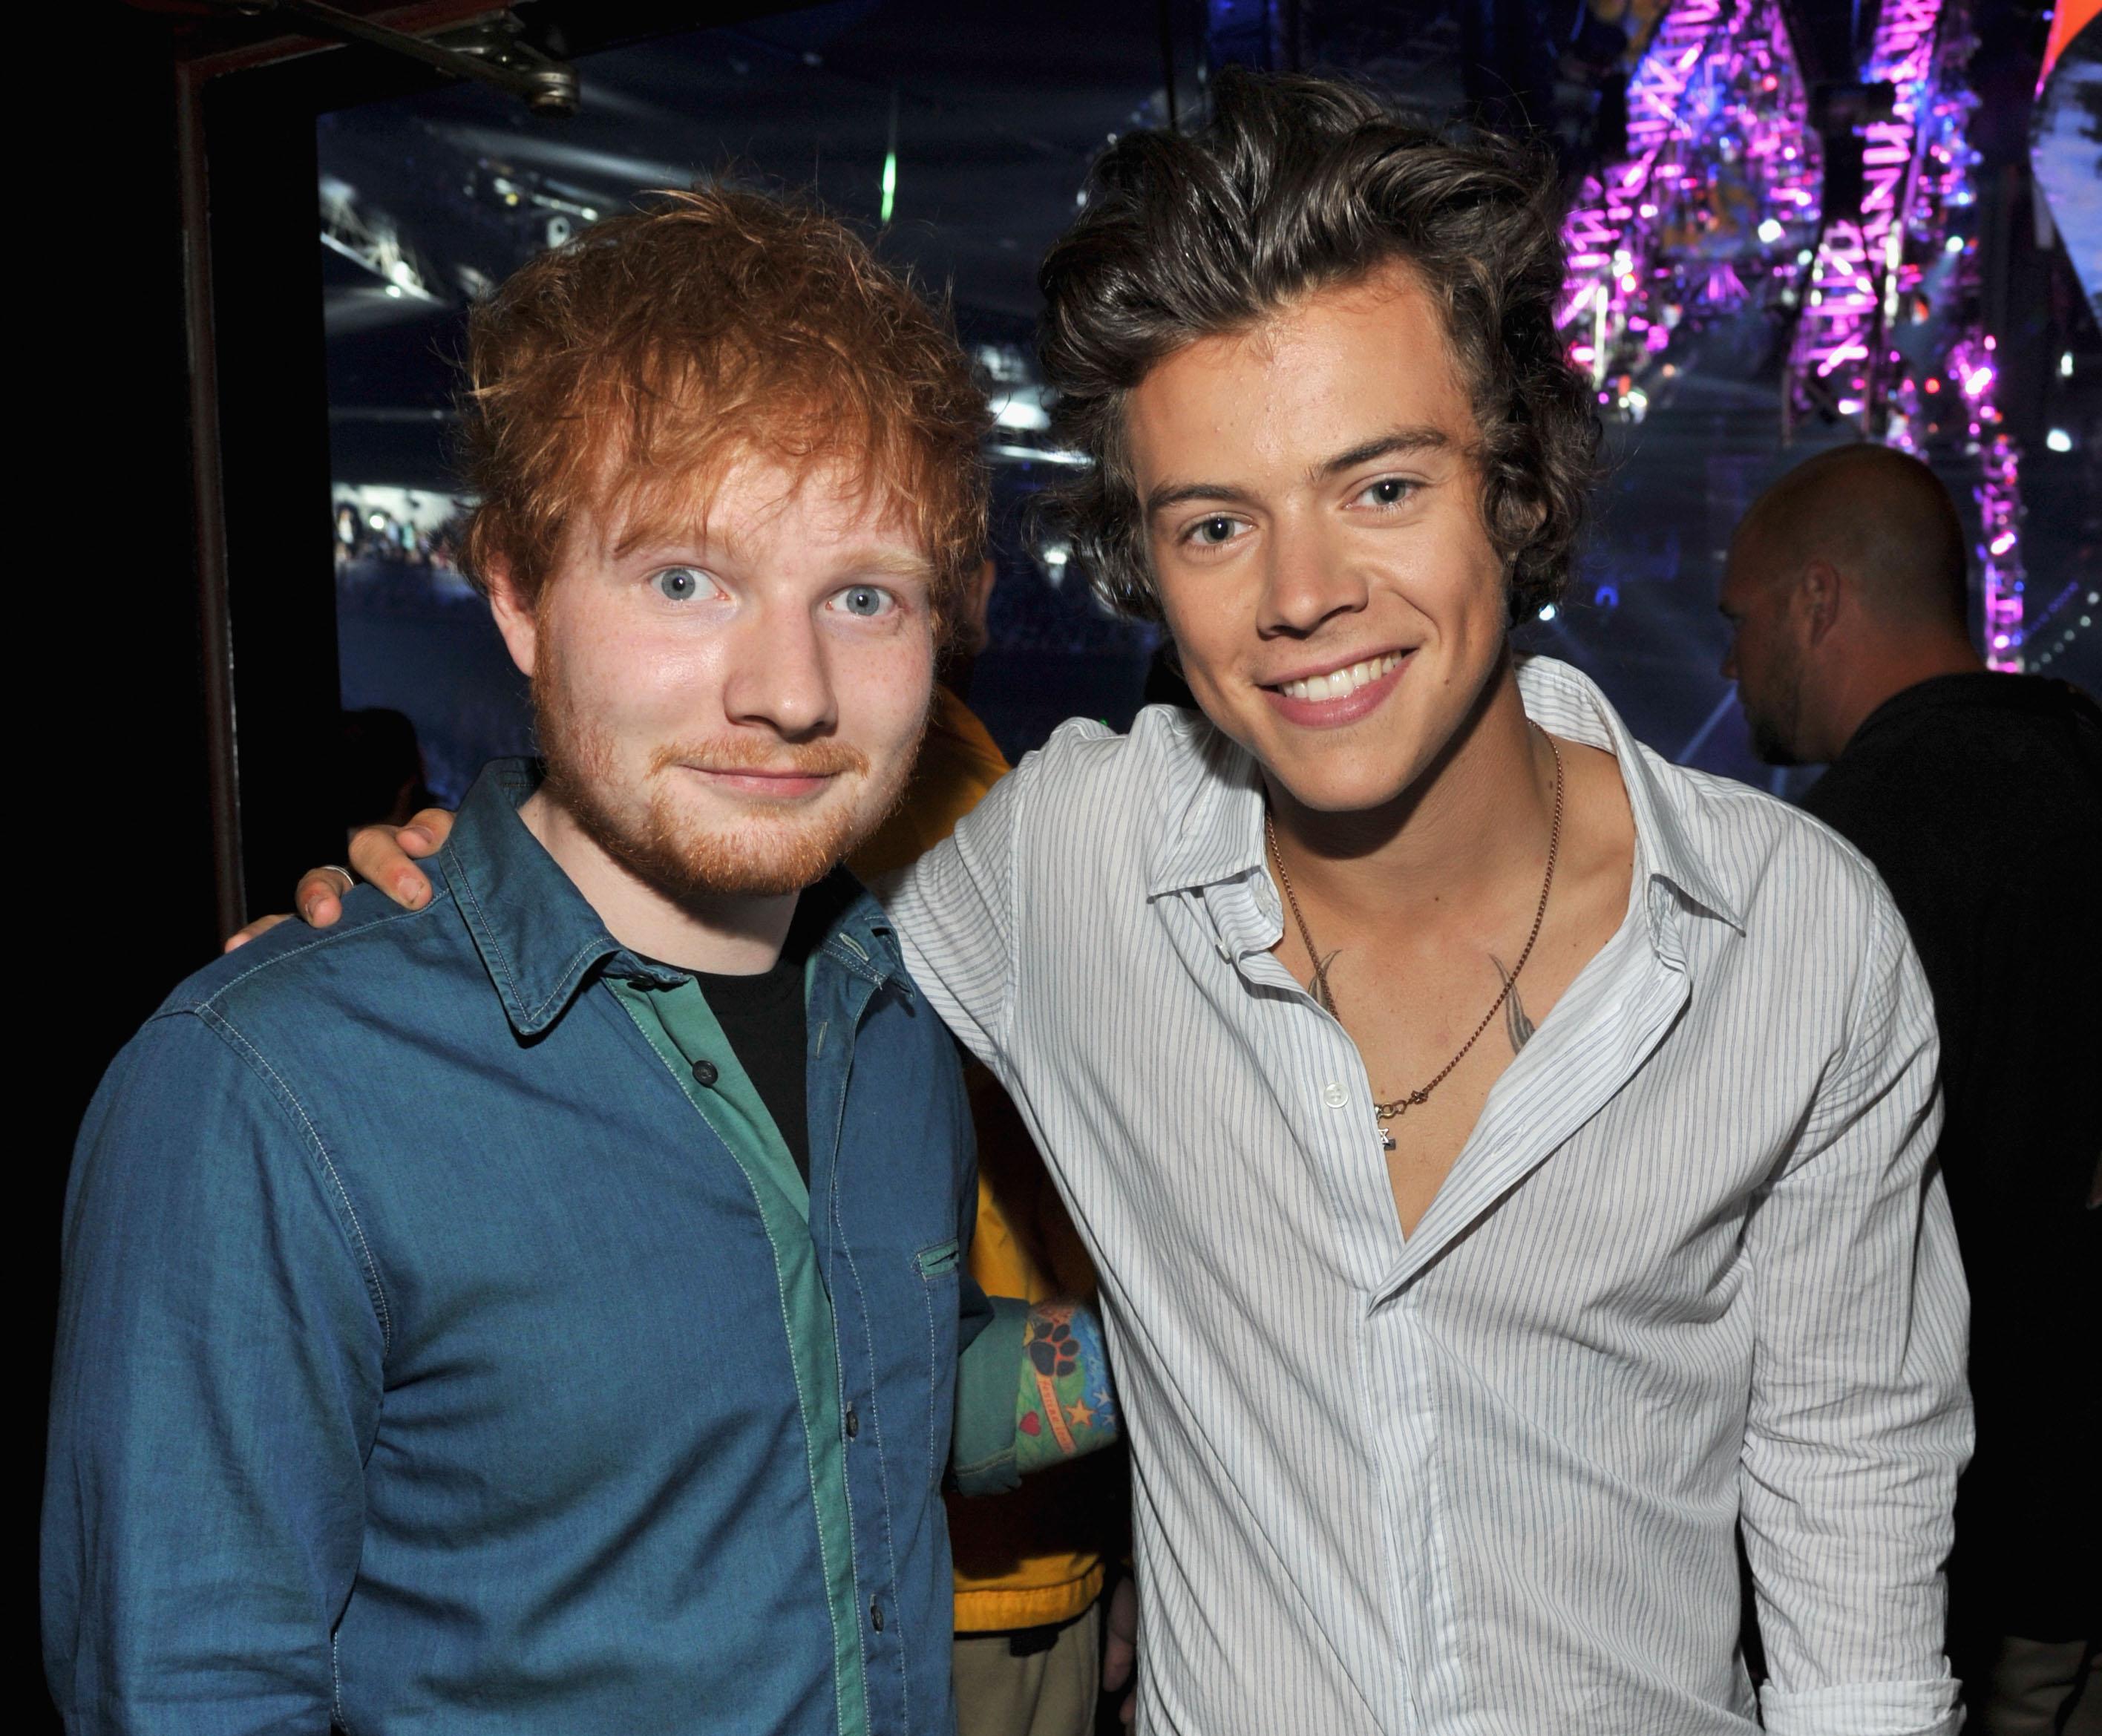 som är Harry Styles dating mars 2014 hastighet dating Westfield ma